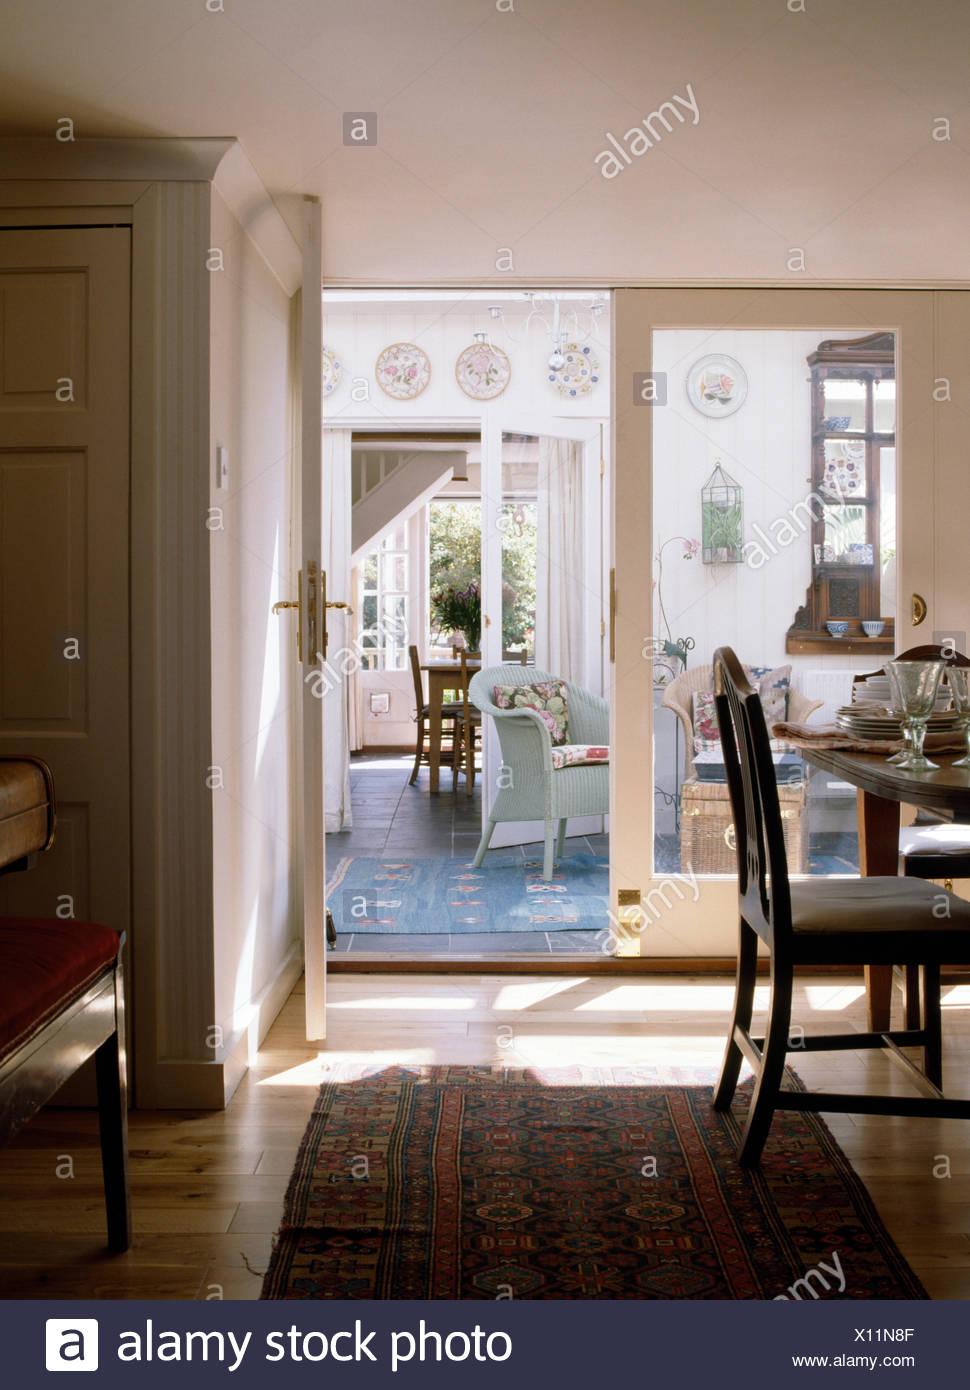 Teppich auf Holzboden im Land Speisesaal mit Glastüren, Wintergarten ...